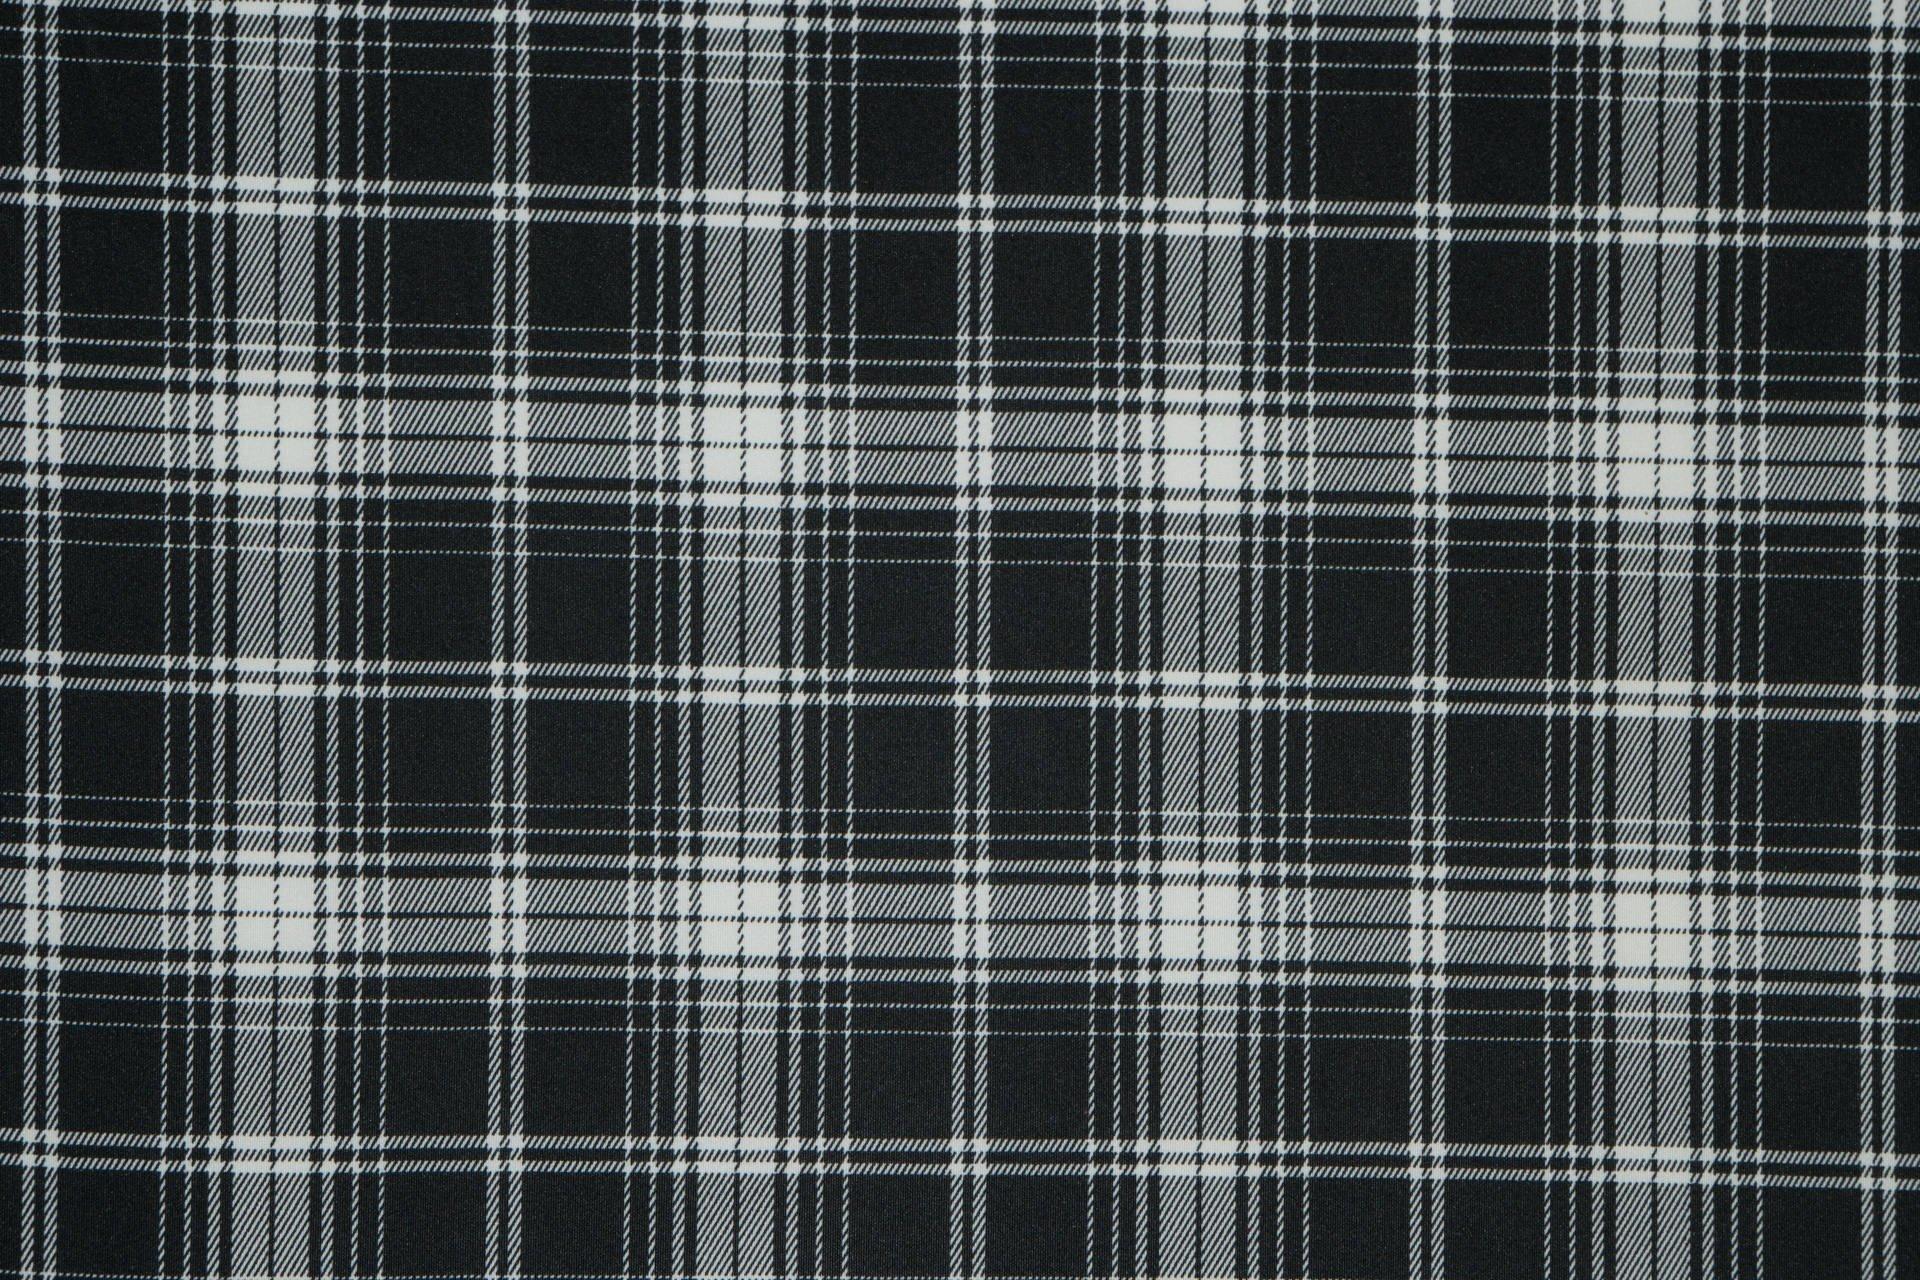 Blk/Wh Plaid Scuba Knit